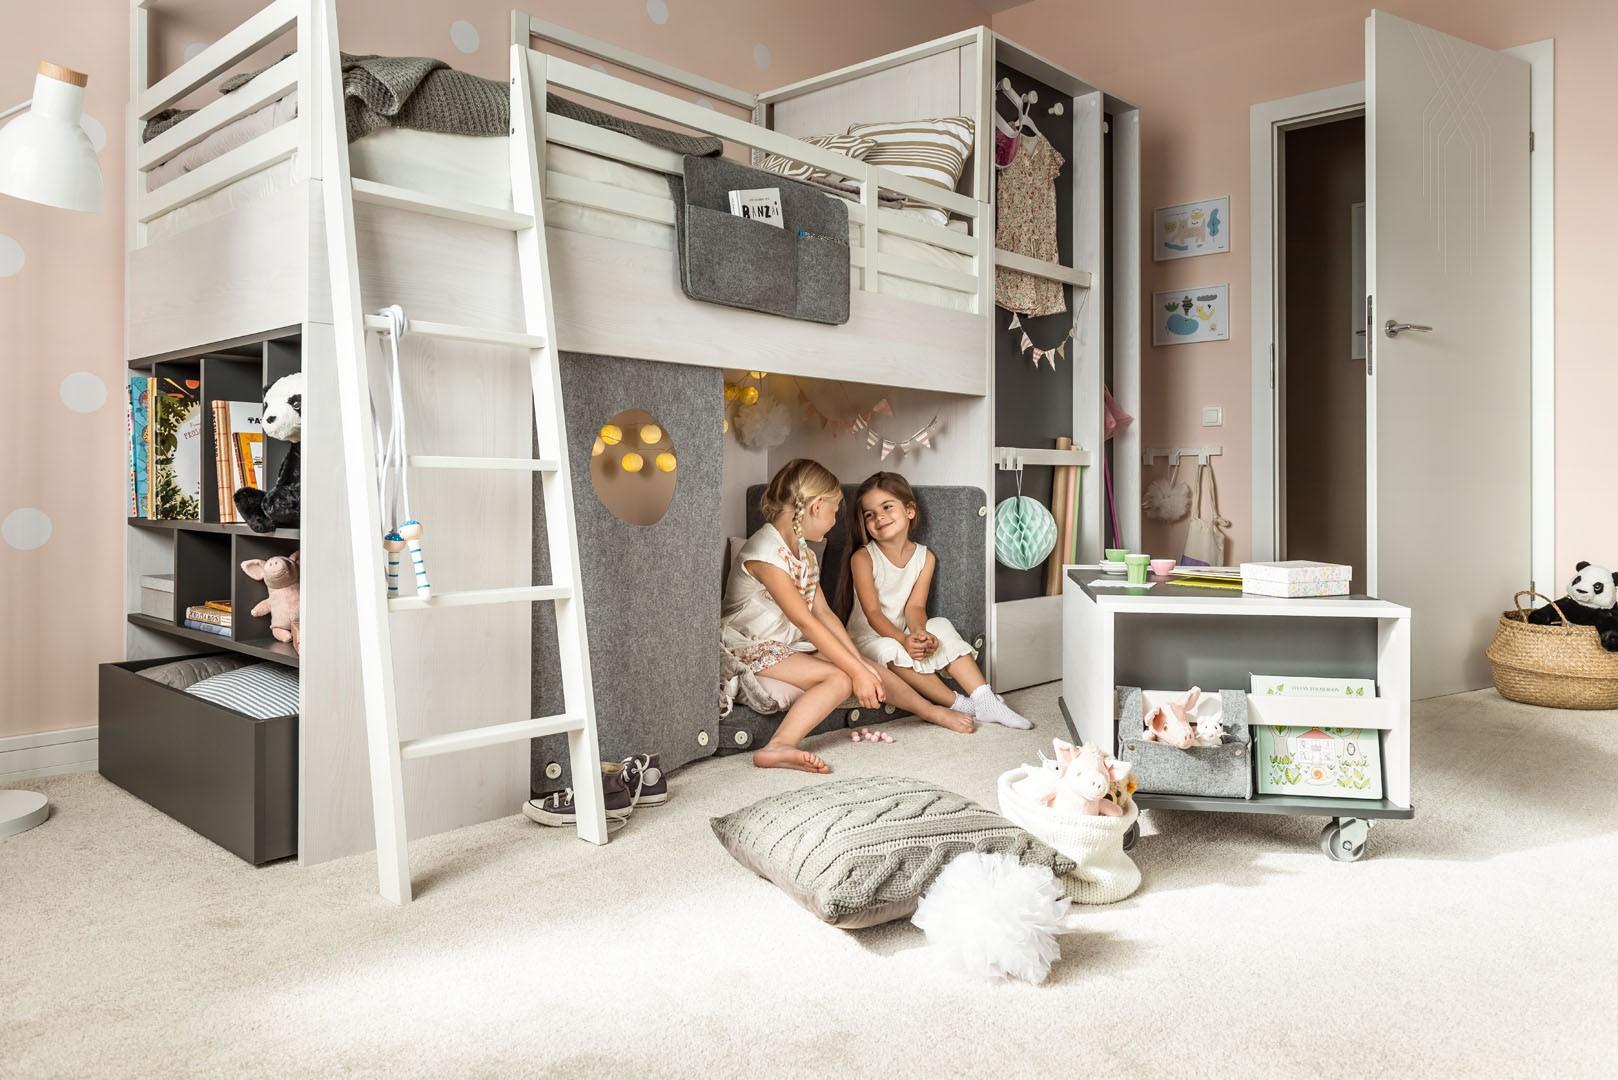 Meble Nest zapewniają nie tylko wygodną przestrzeń do wypoczynku, ale również wiele ciekawych schowków i szafek. Fot. Vox